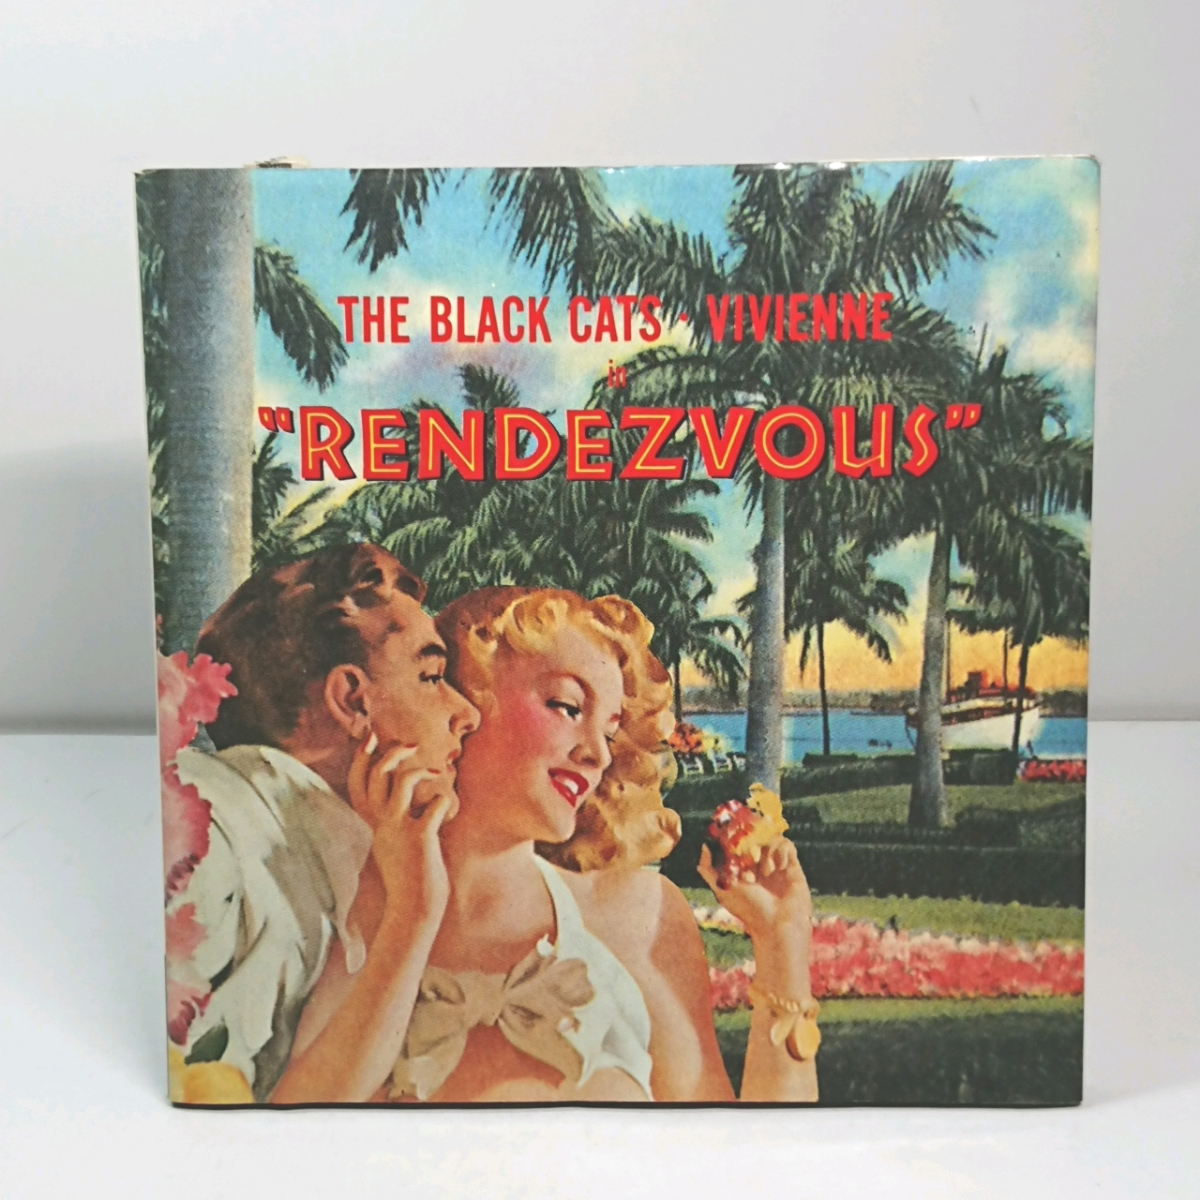 ブラック・キャッツ&ビビアン ランデブー 中央アート出版社 the black cats vivienne rendezvous